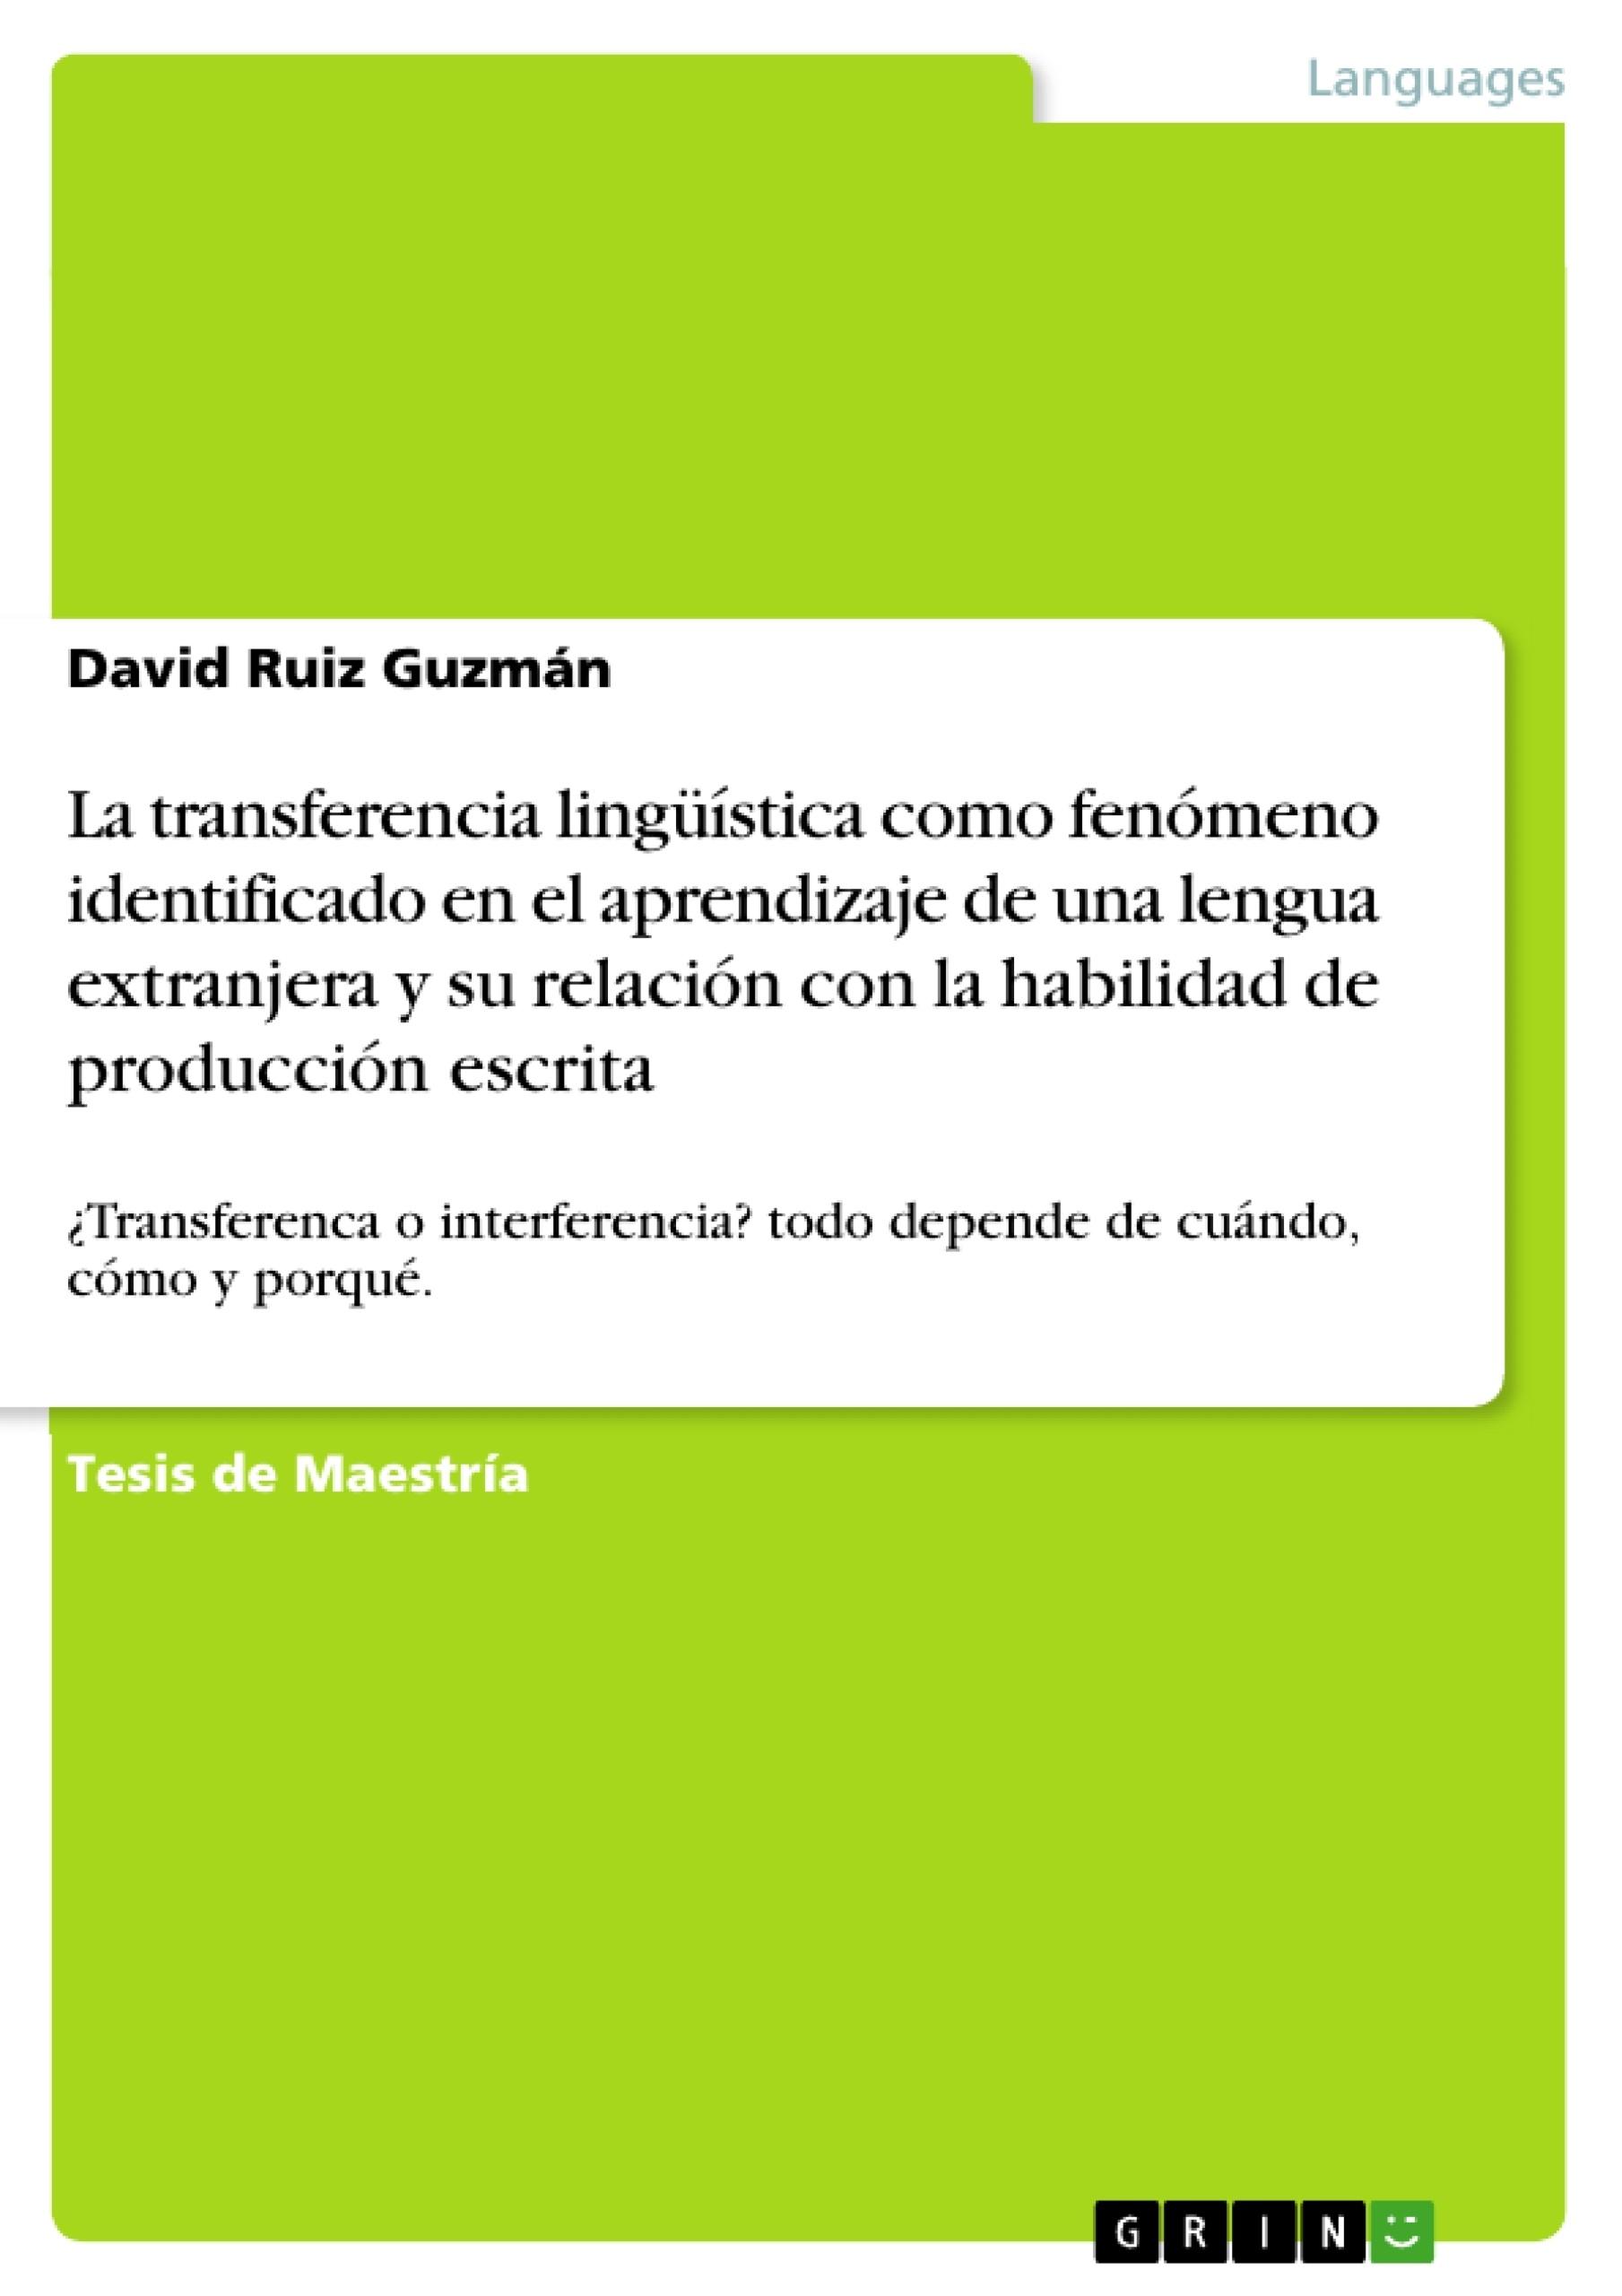 Título: La transferencia lingüística como fenómeno identificado en el aprendizaje de una  lengua extranjera y su relación con la habilidad de producción escrita